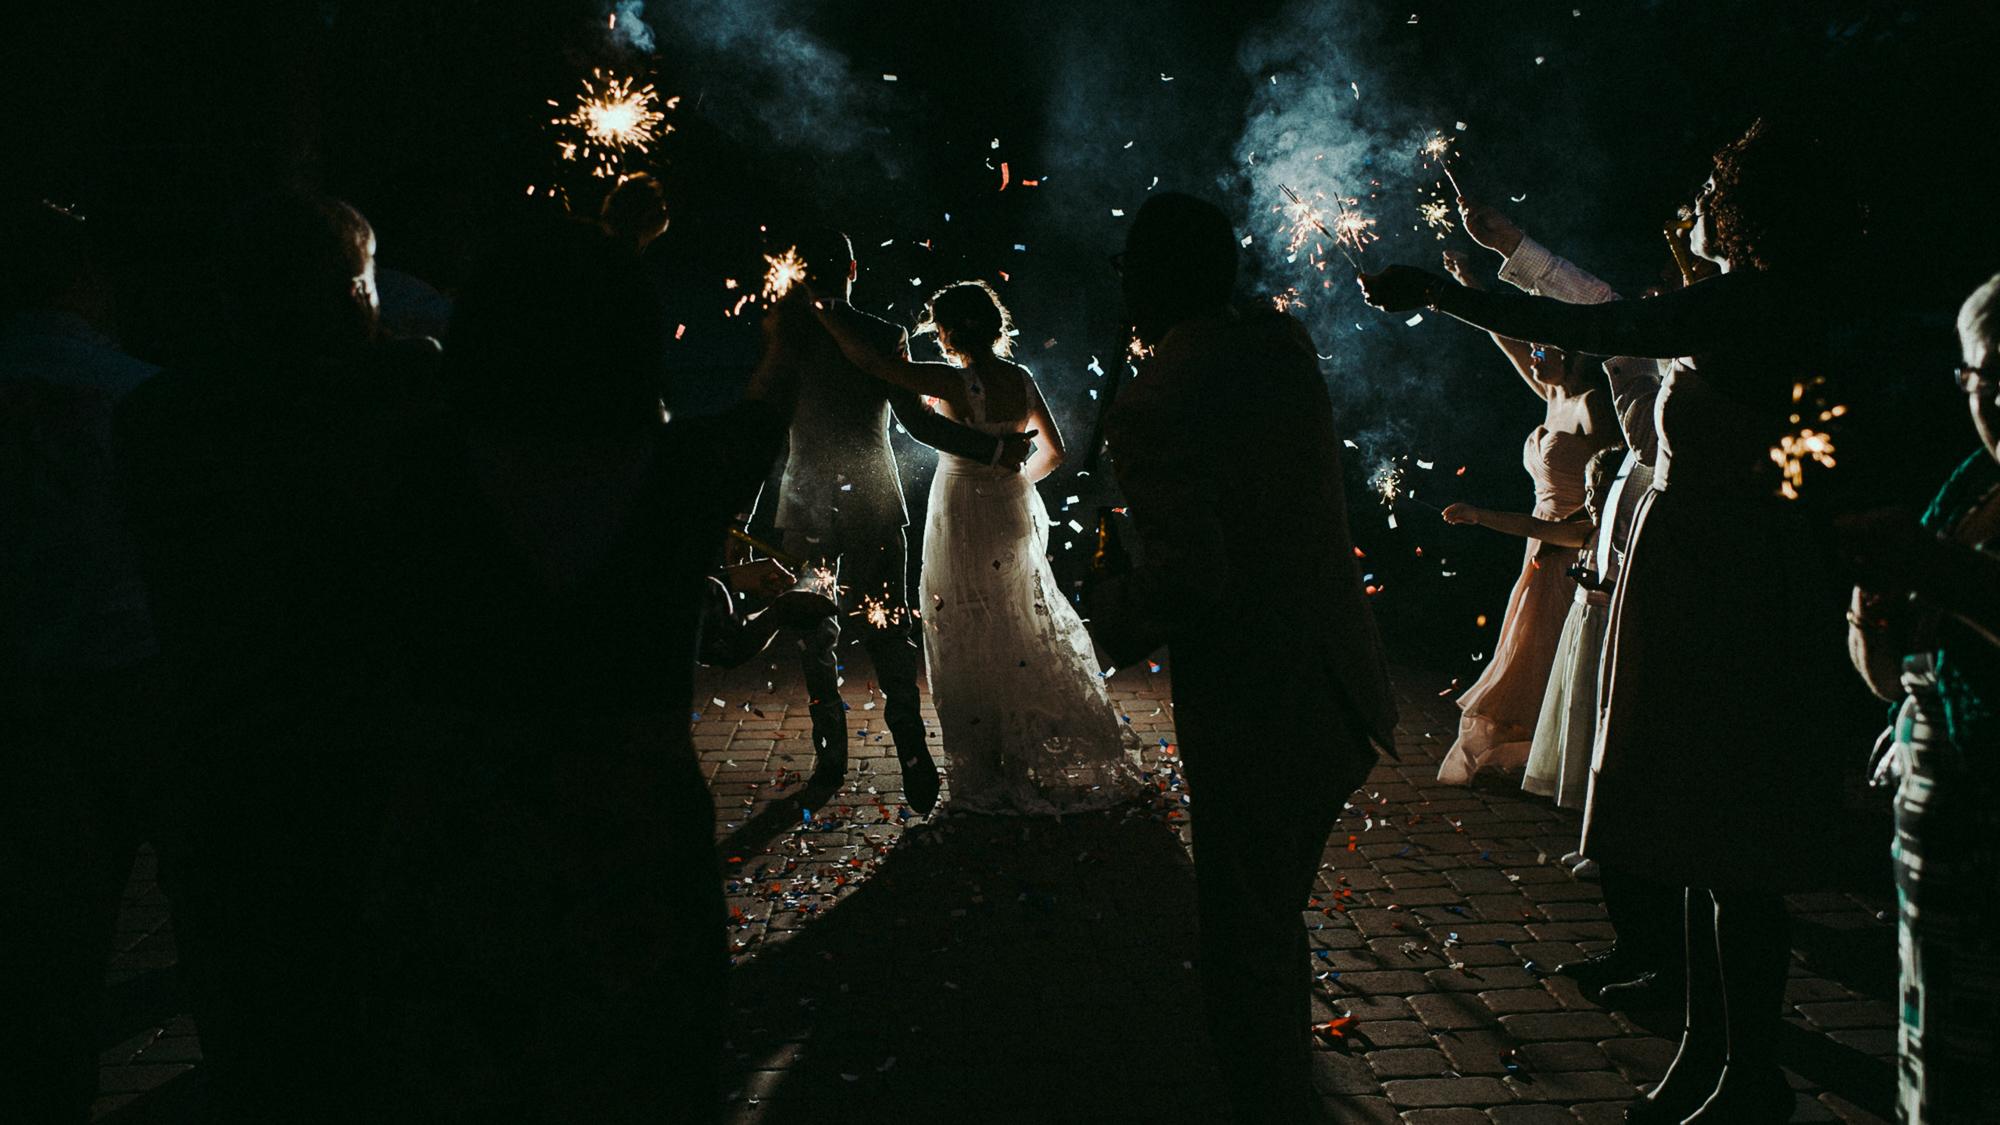 gian-carlo-photography-weddings-5.jpg